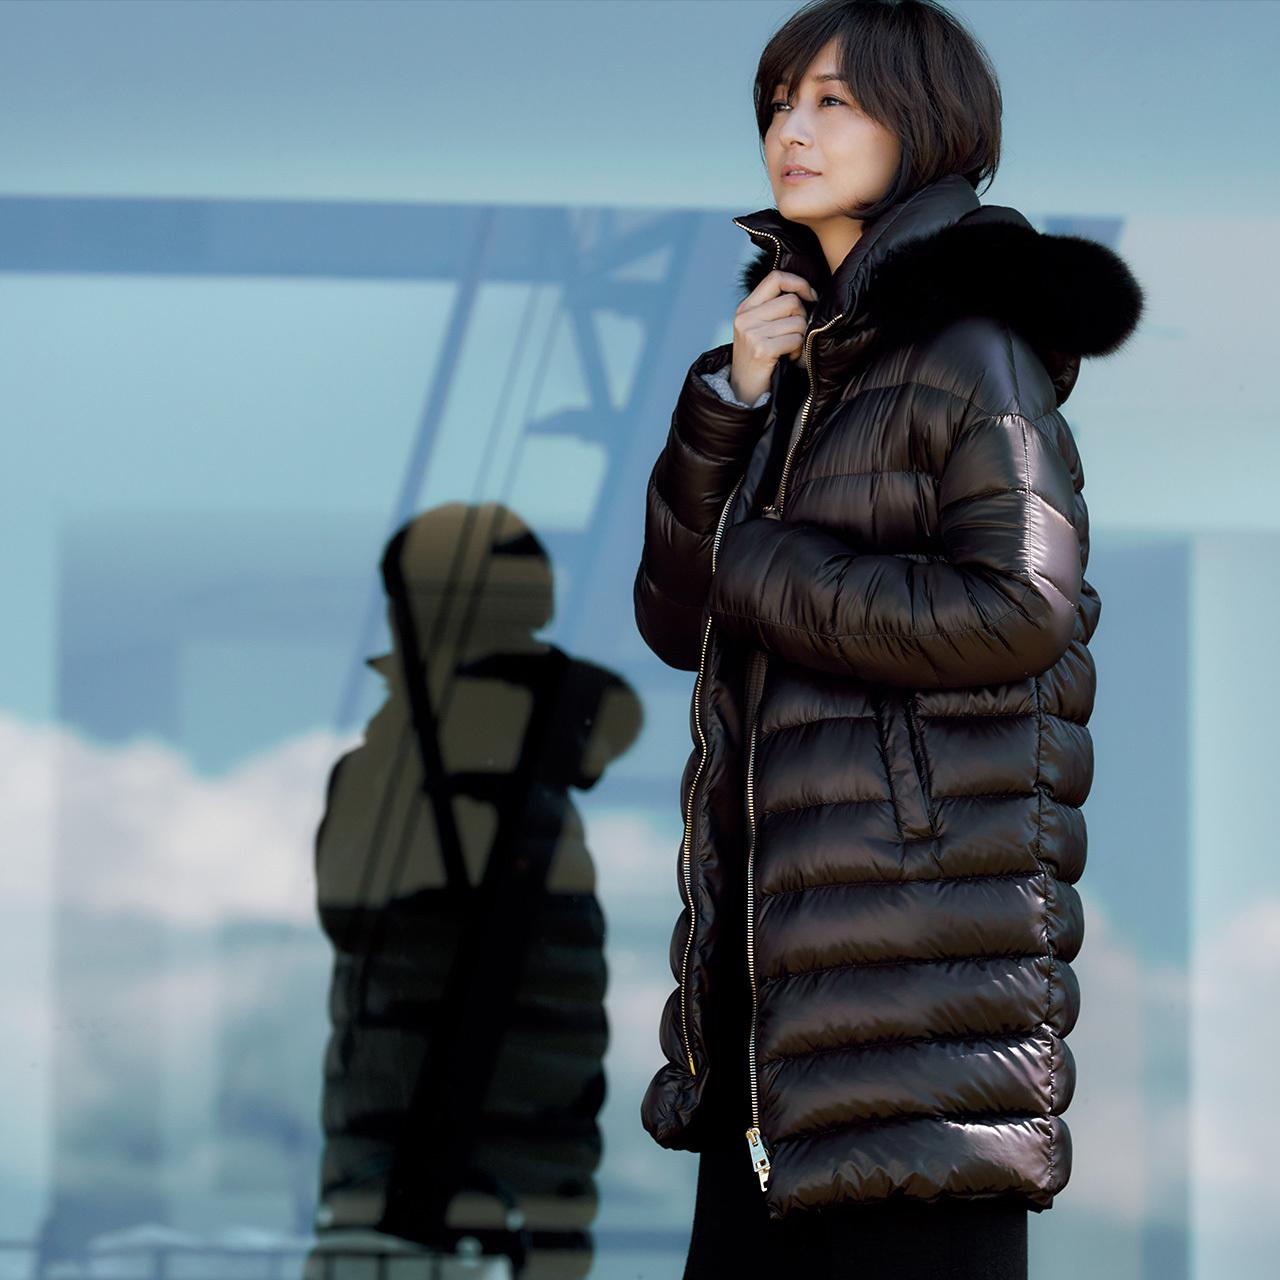 暖かくて心地いいものだけ身につけて。大人の女子旅スタイル 五選_1_1-4